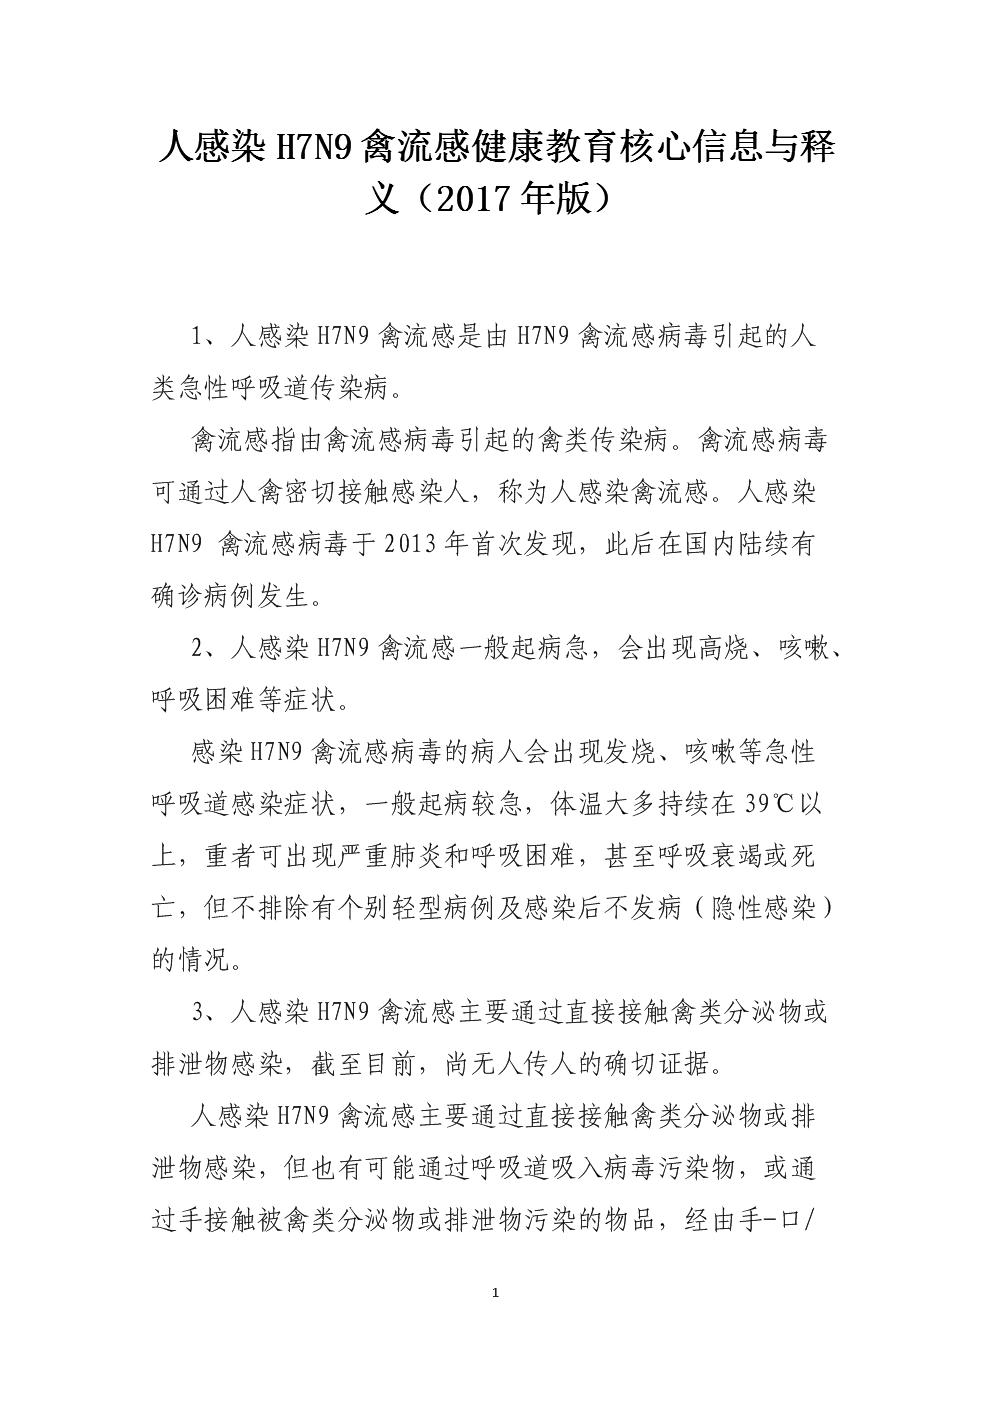 人感染H7N9禽流感健康教育核心信息与释义(2017年版).docx